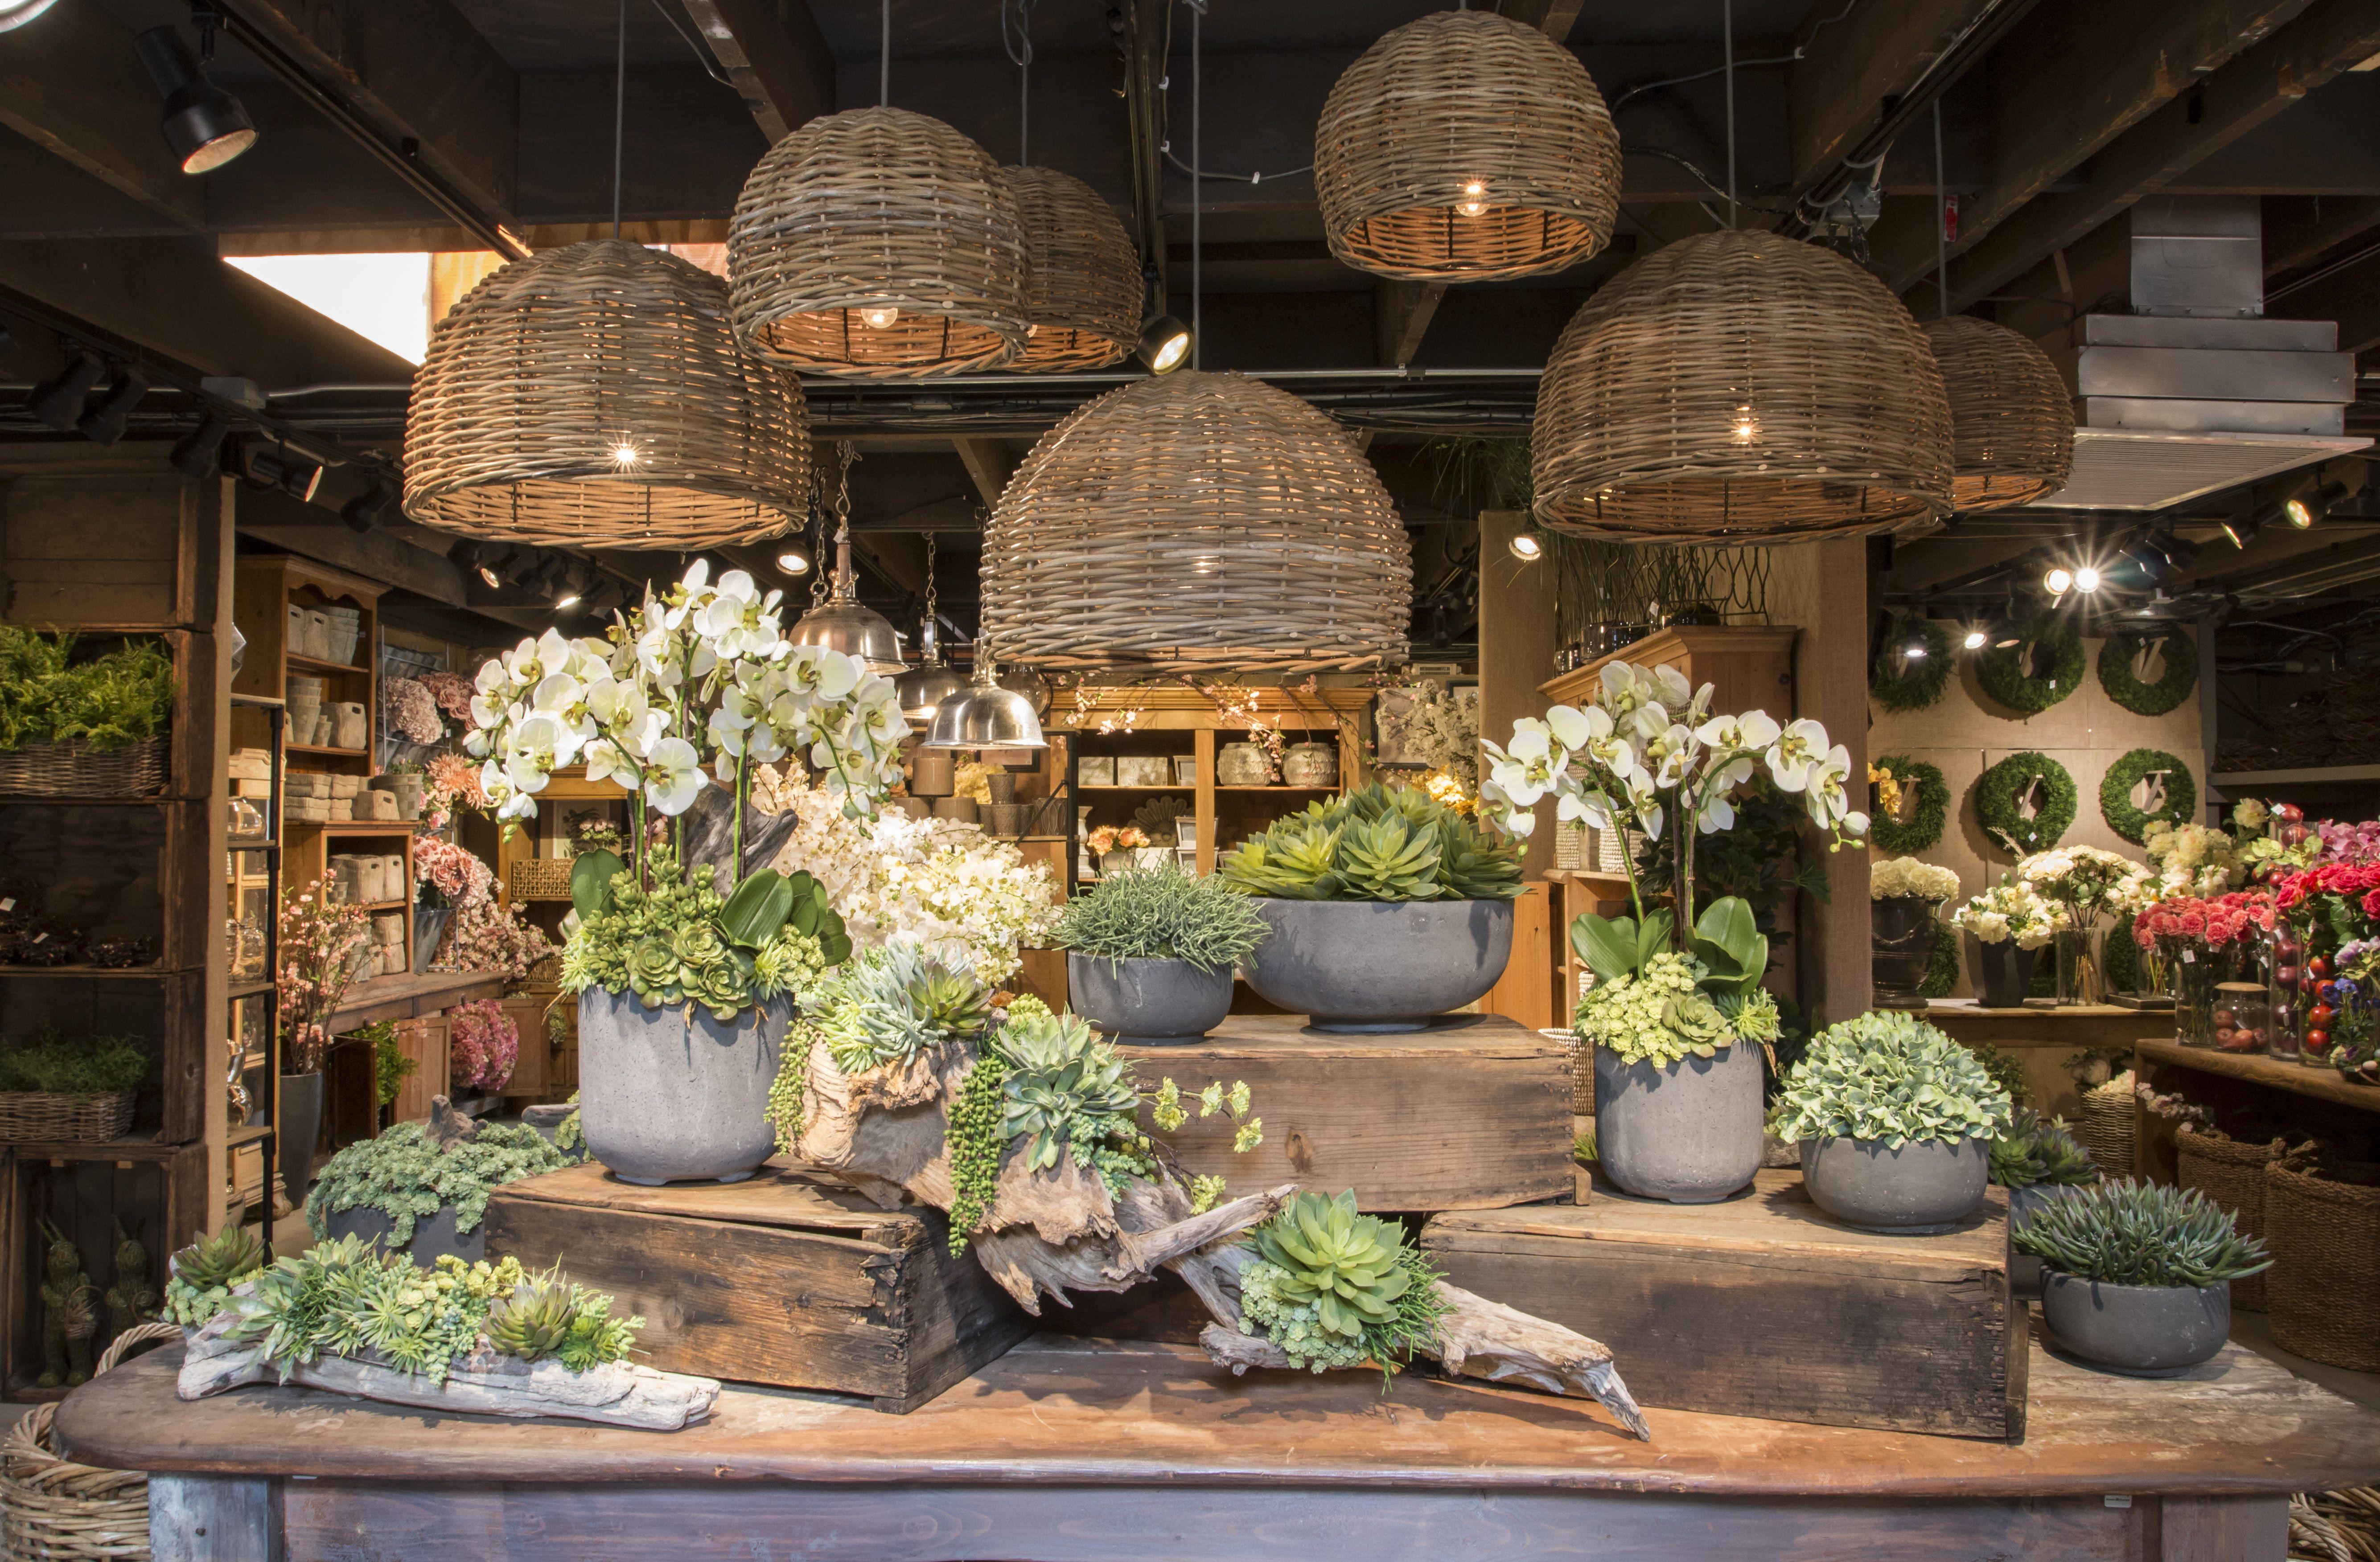 Spring 2016 Flower Shop Interiors Garden Center Displays